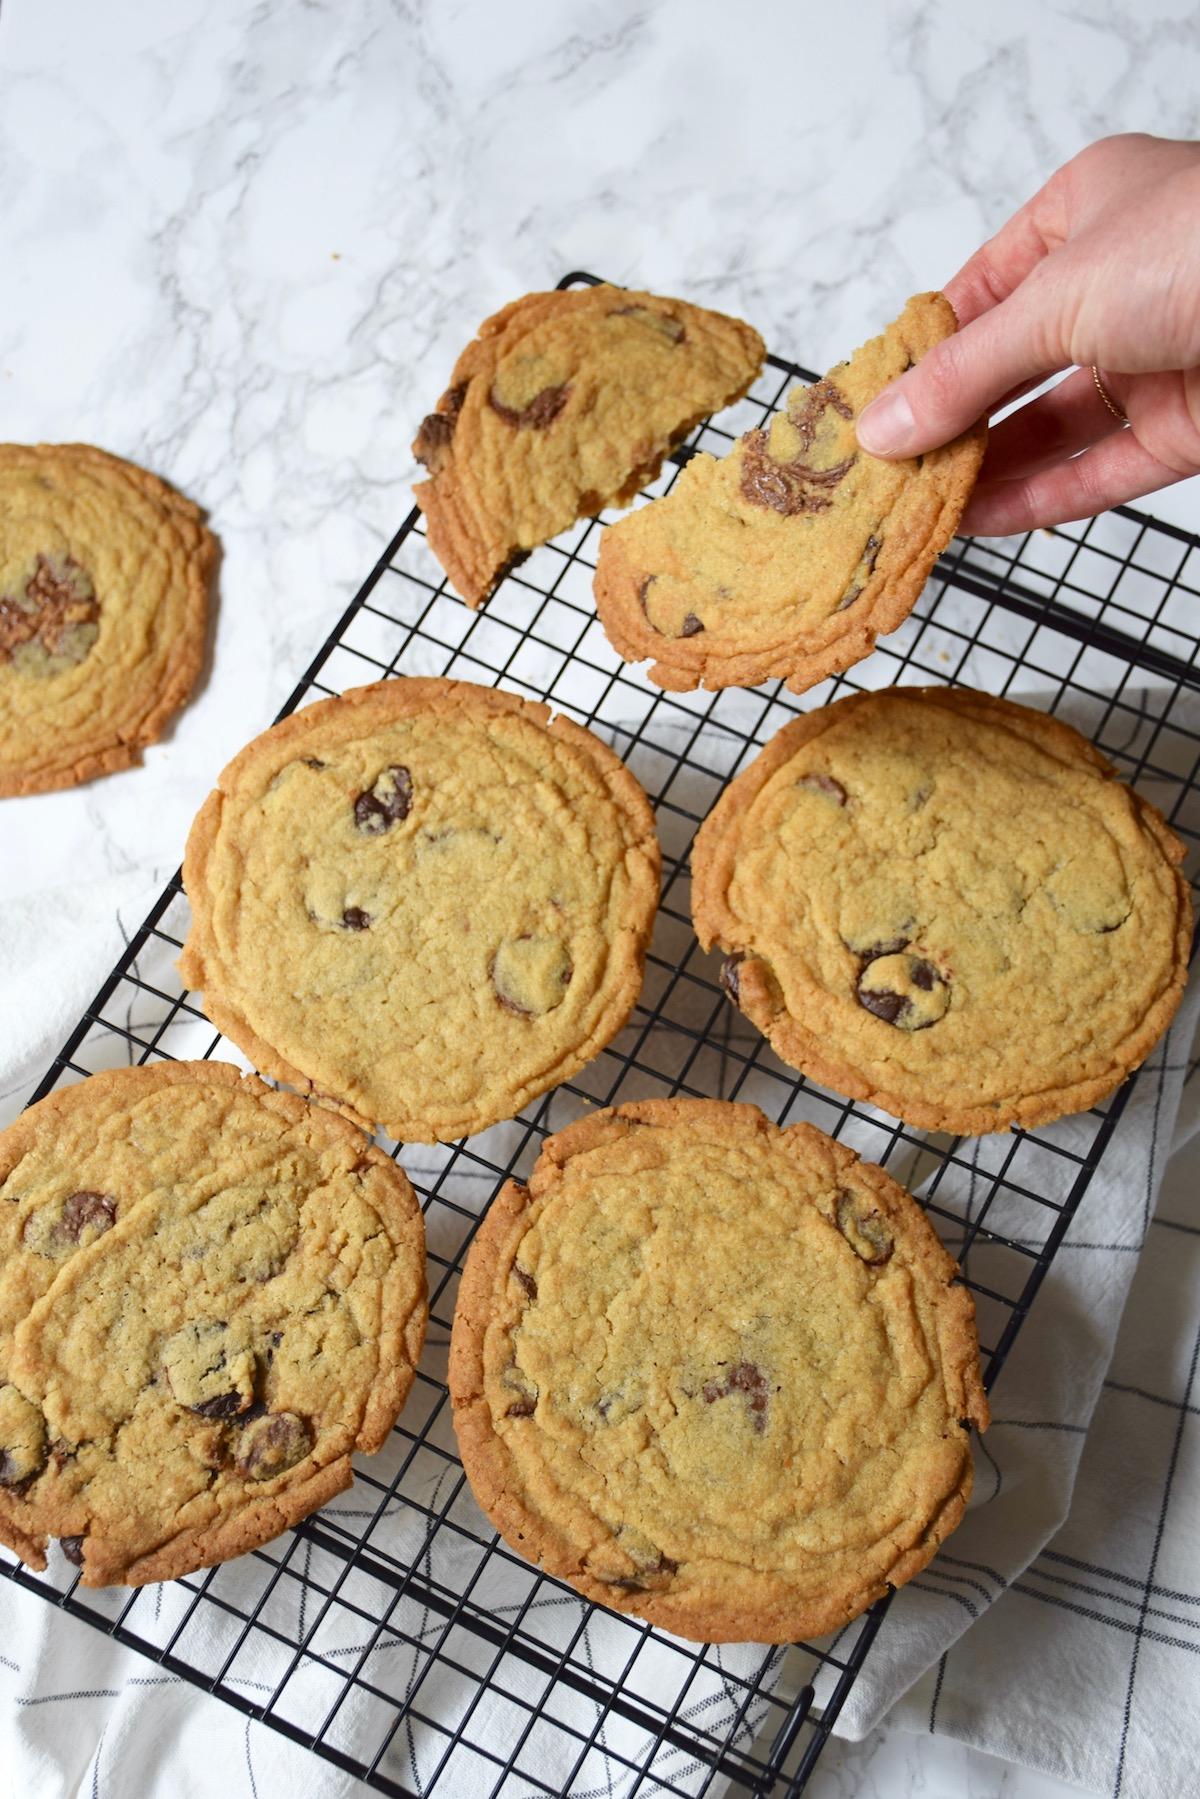 Pan banging cookies de Sarah Kieffer